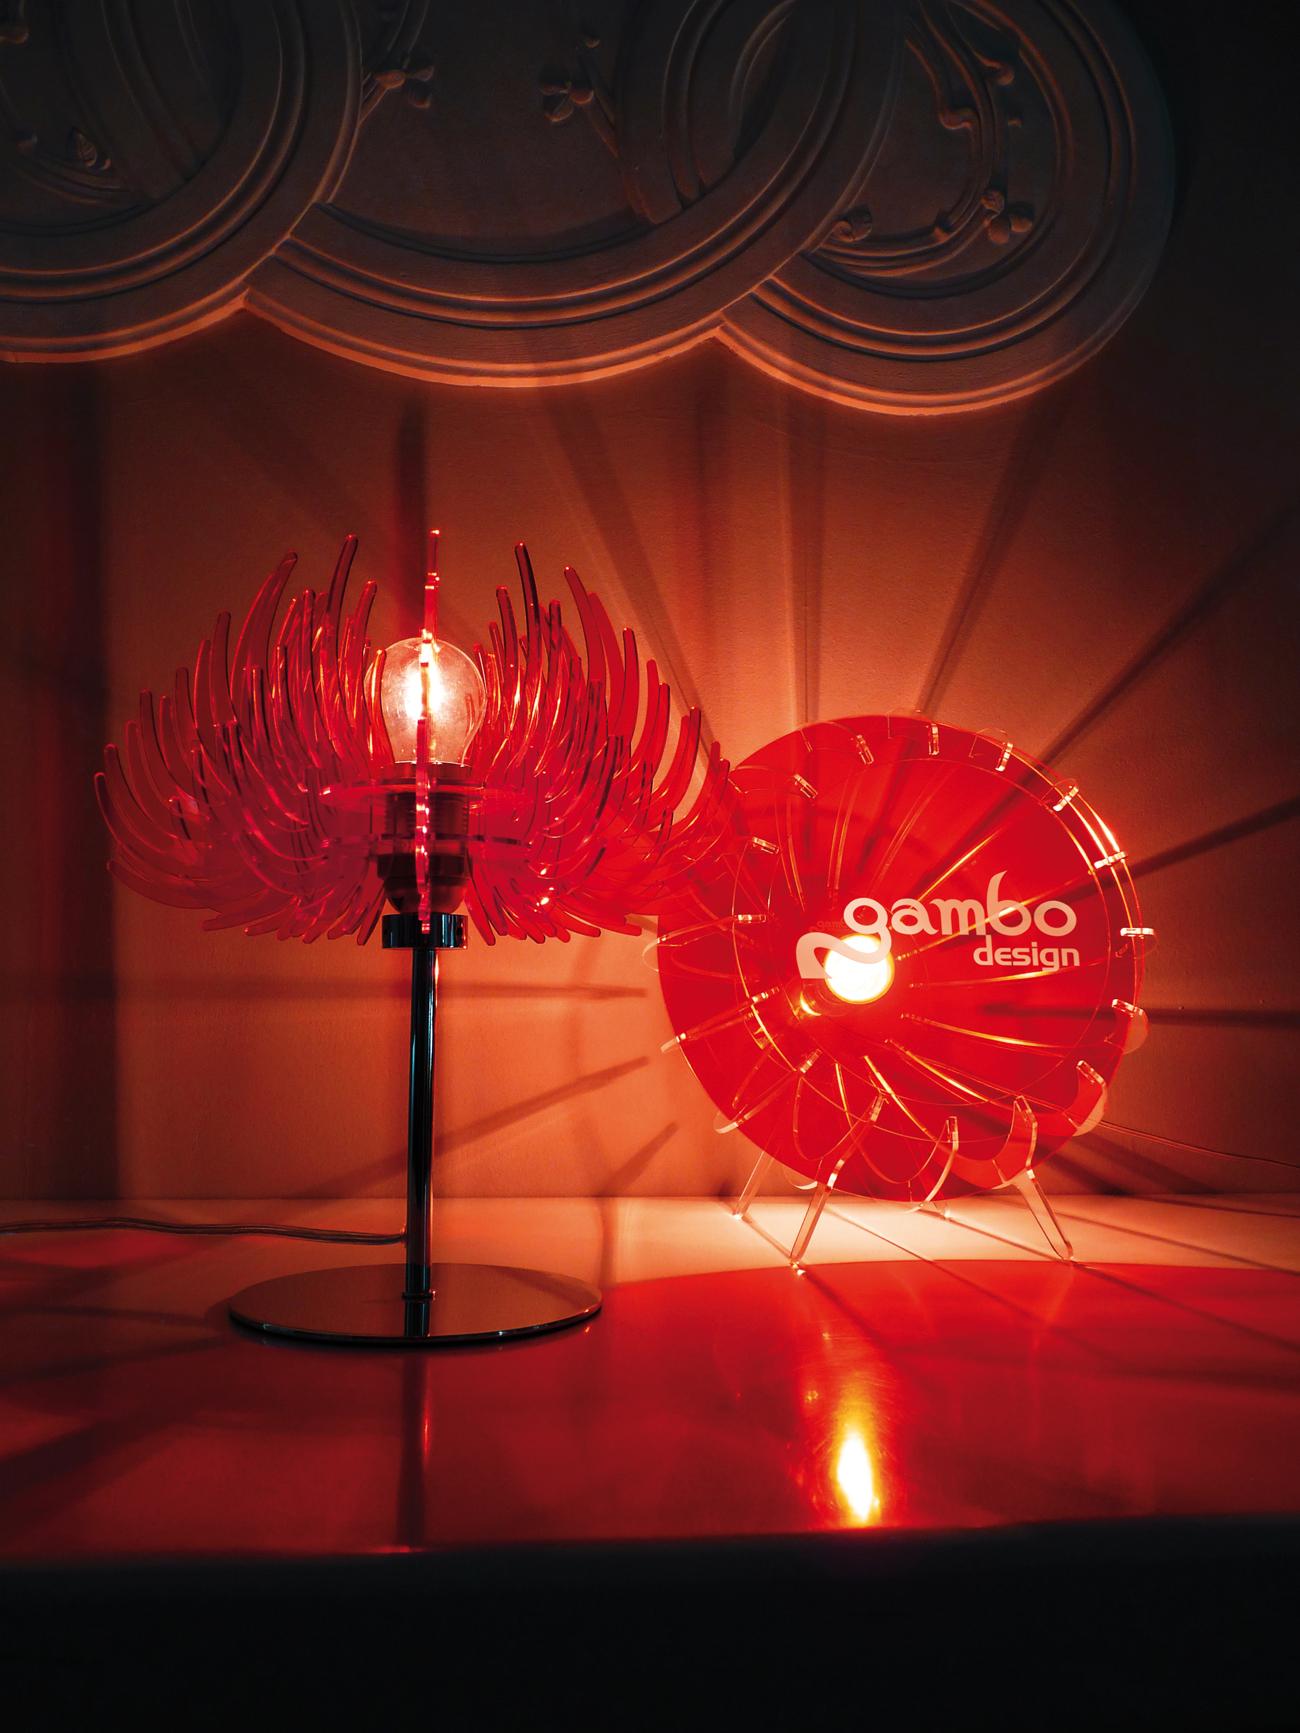 gambo-original_1300_08